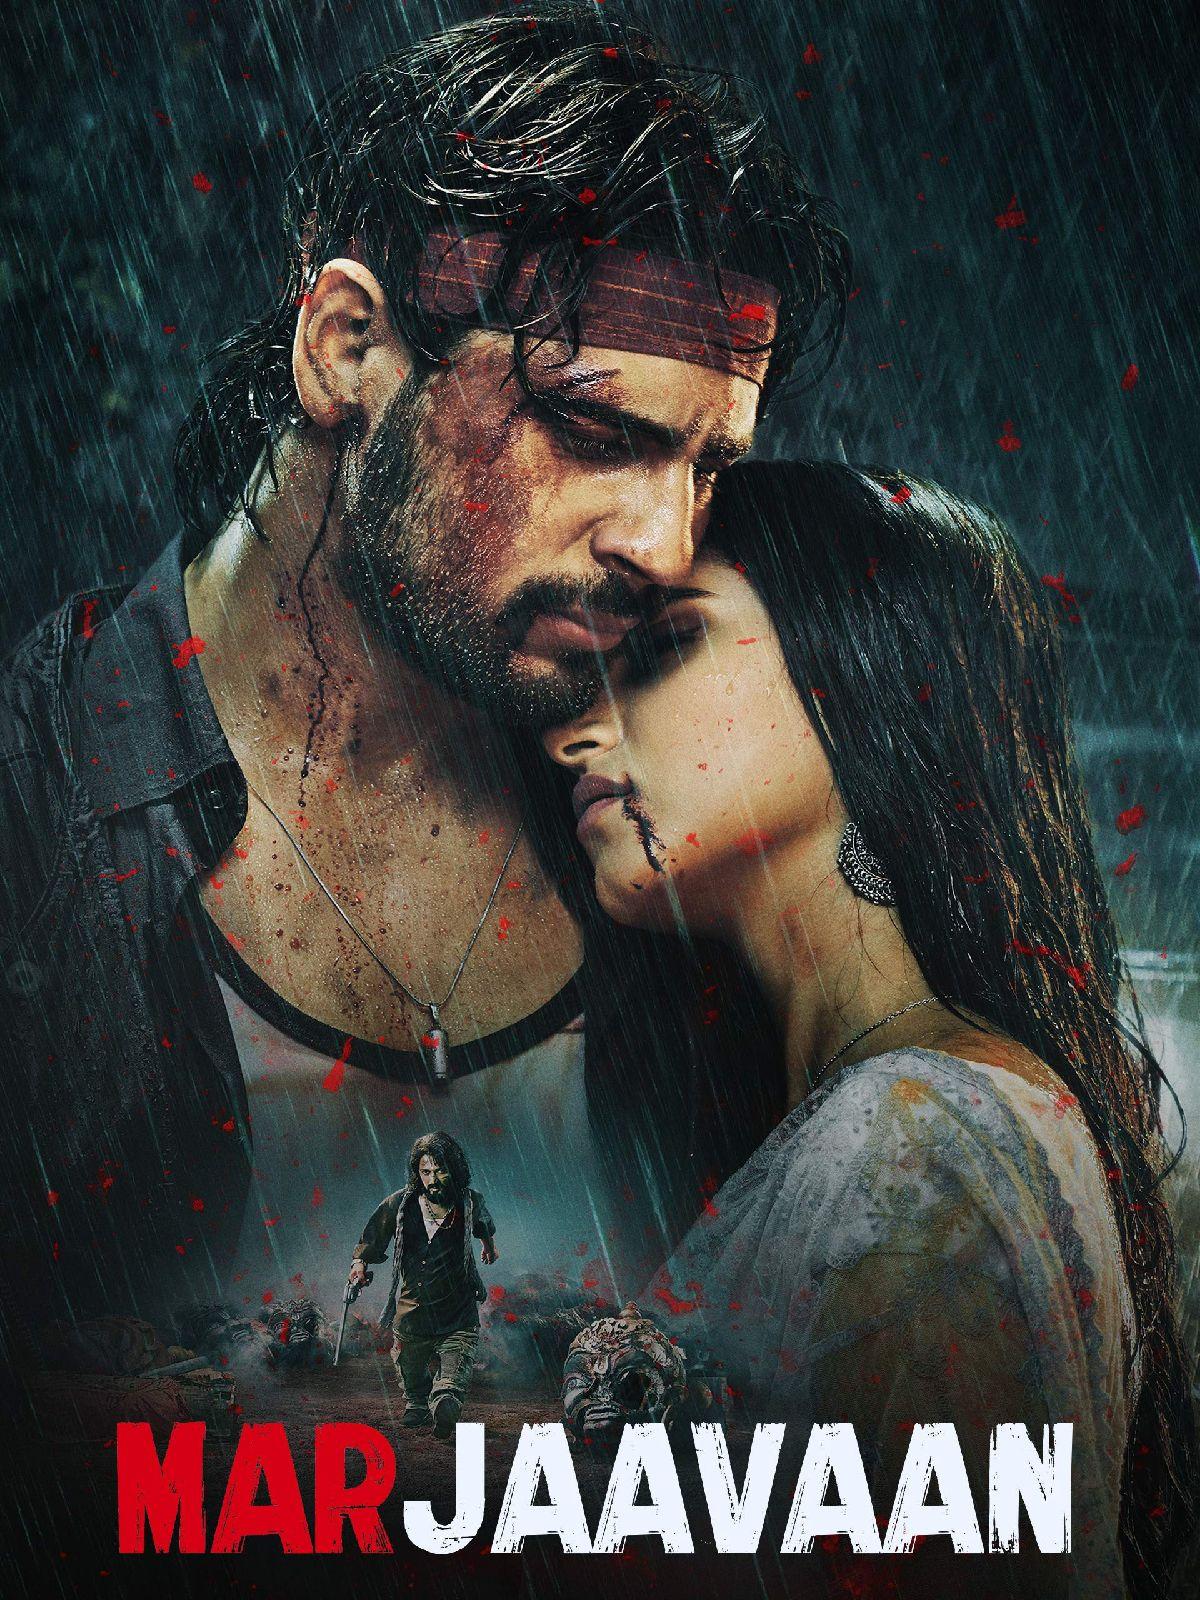 Marjaavaan 2019 hindi 480p 720p 1080p esubs full